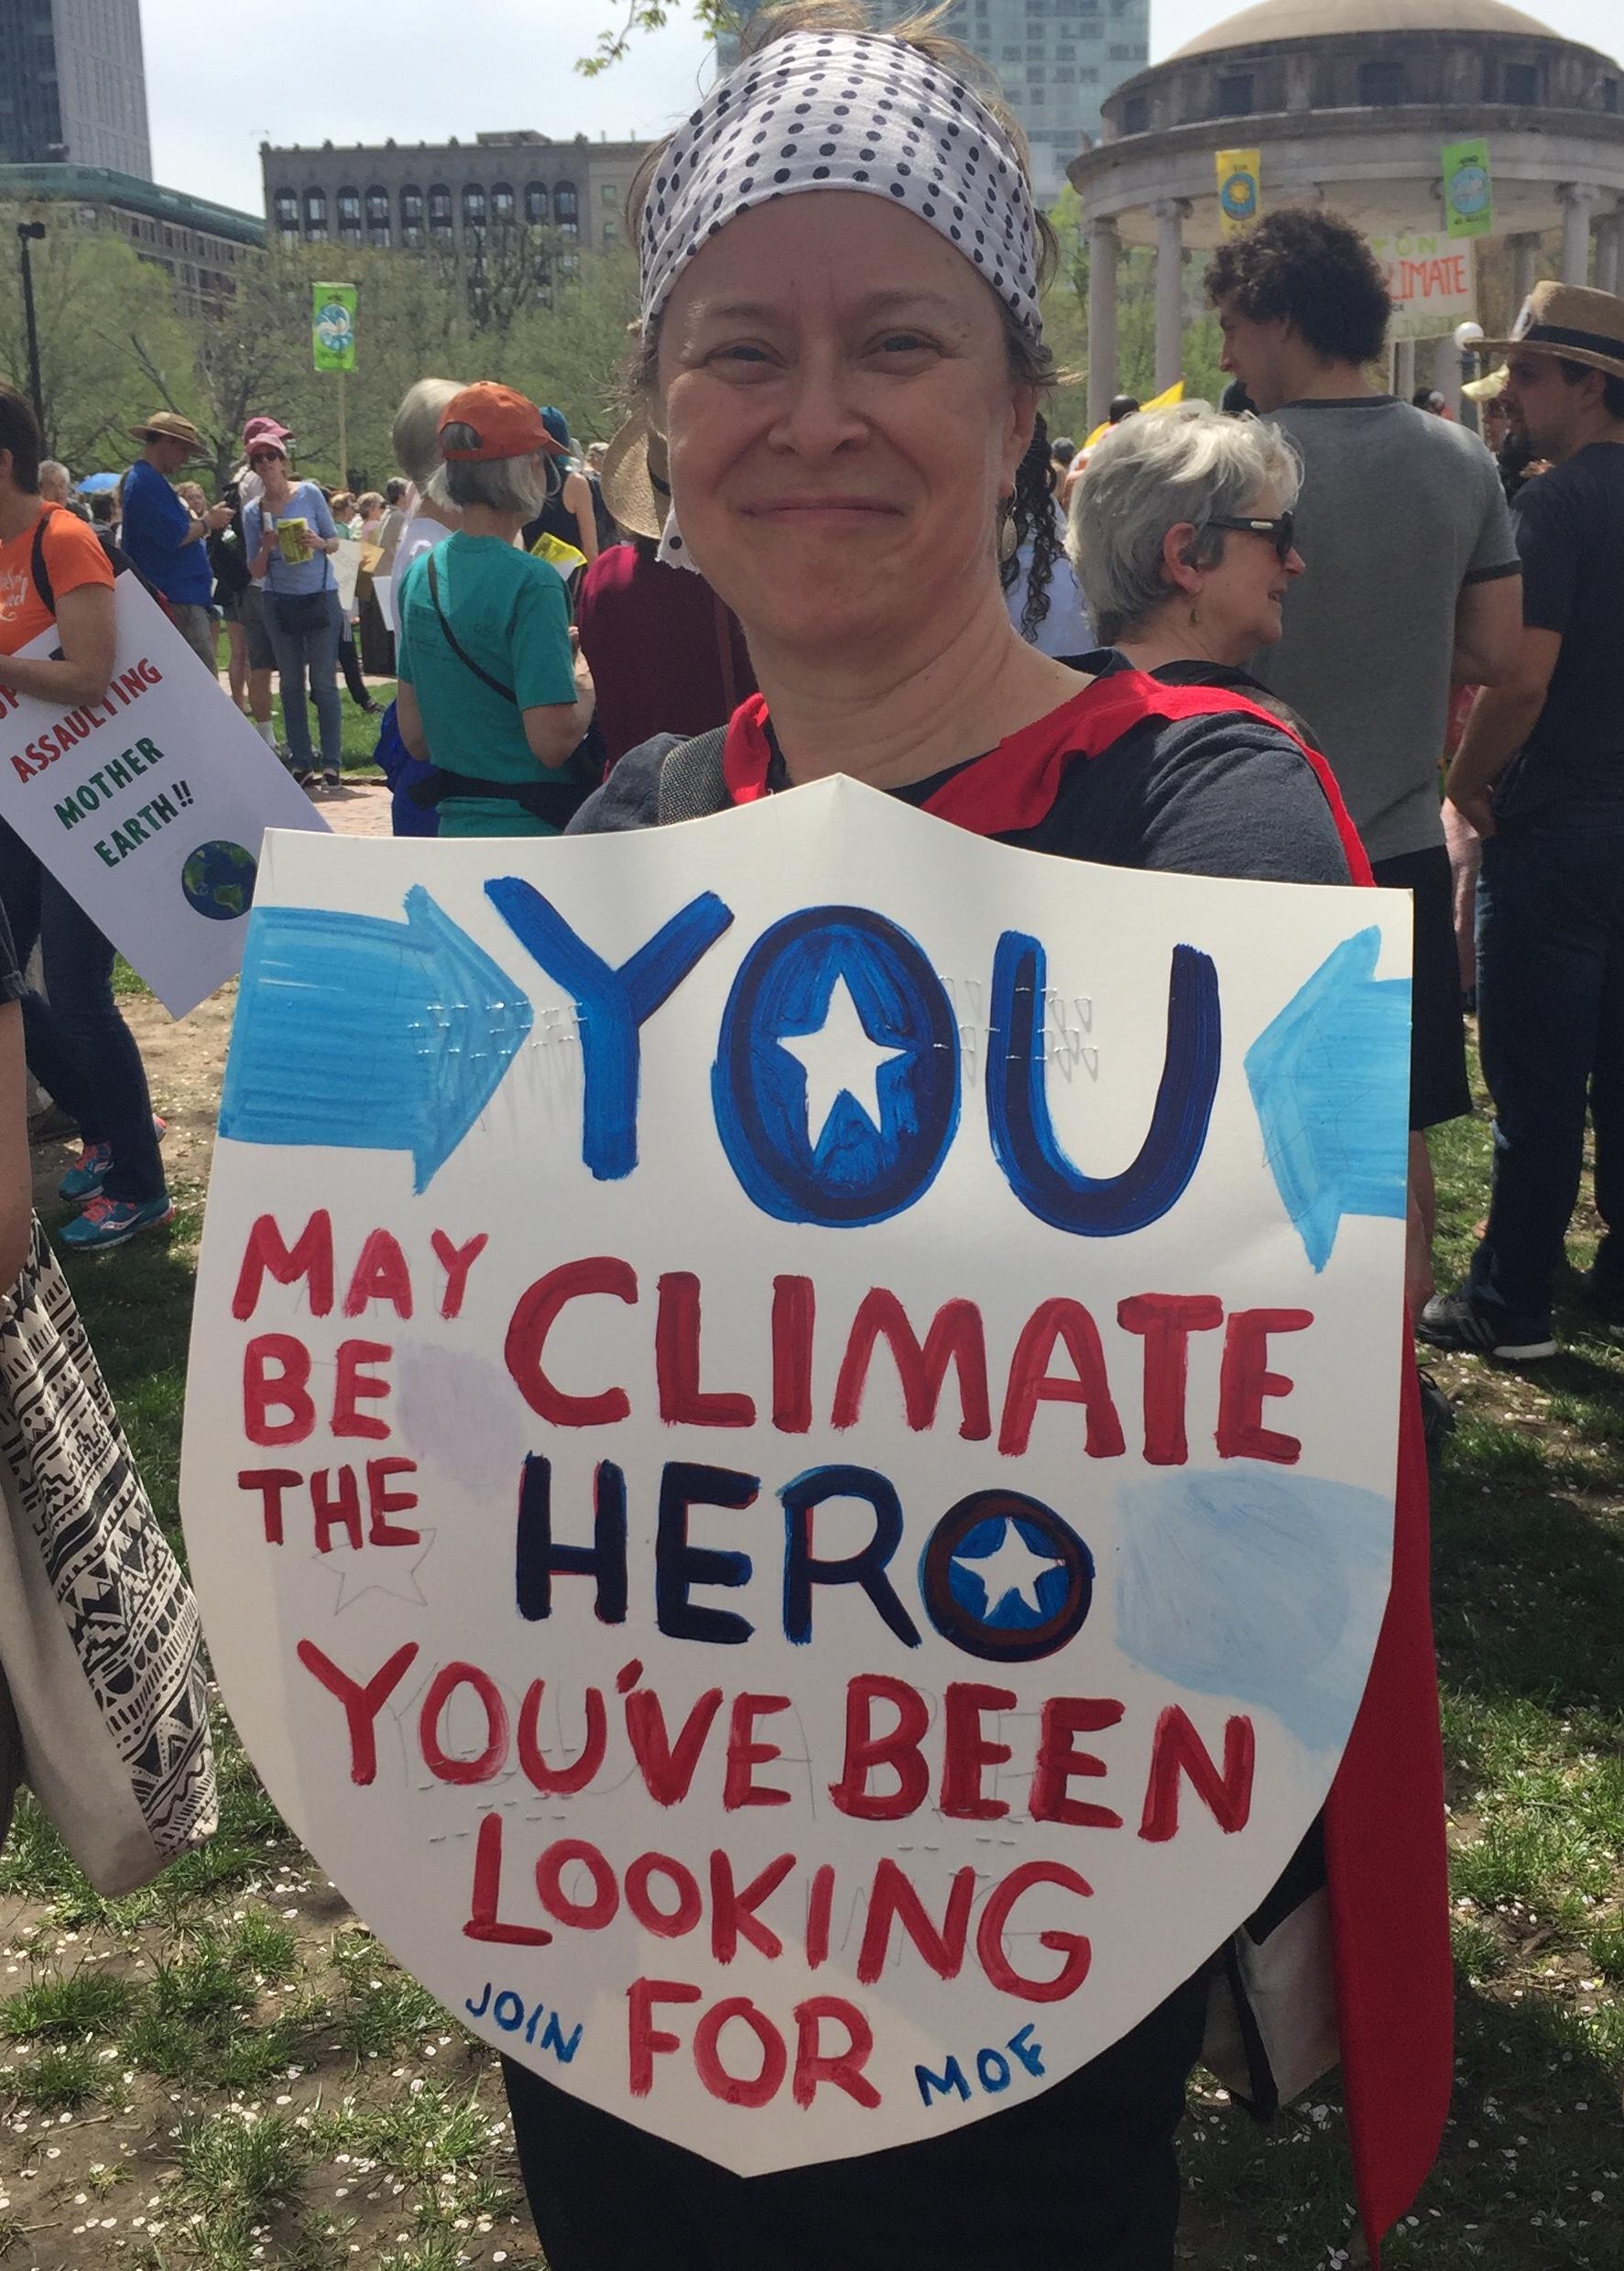 Climate_Hero.JPG